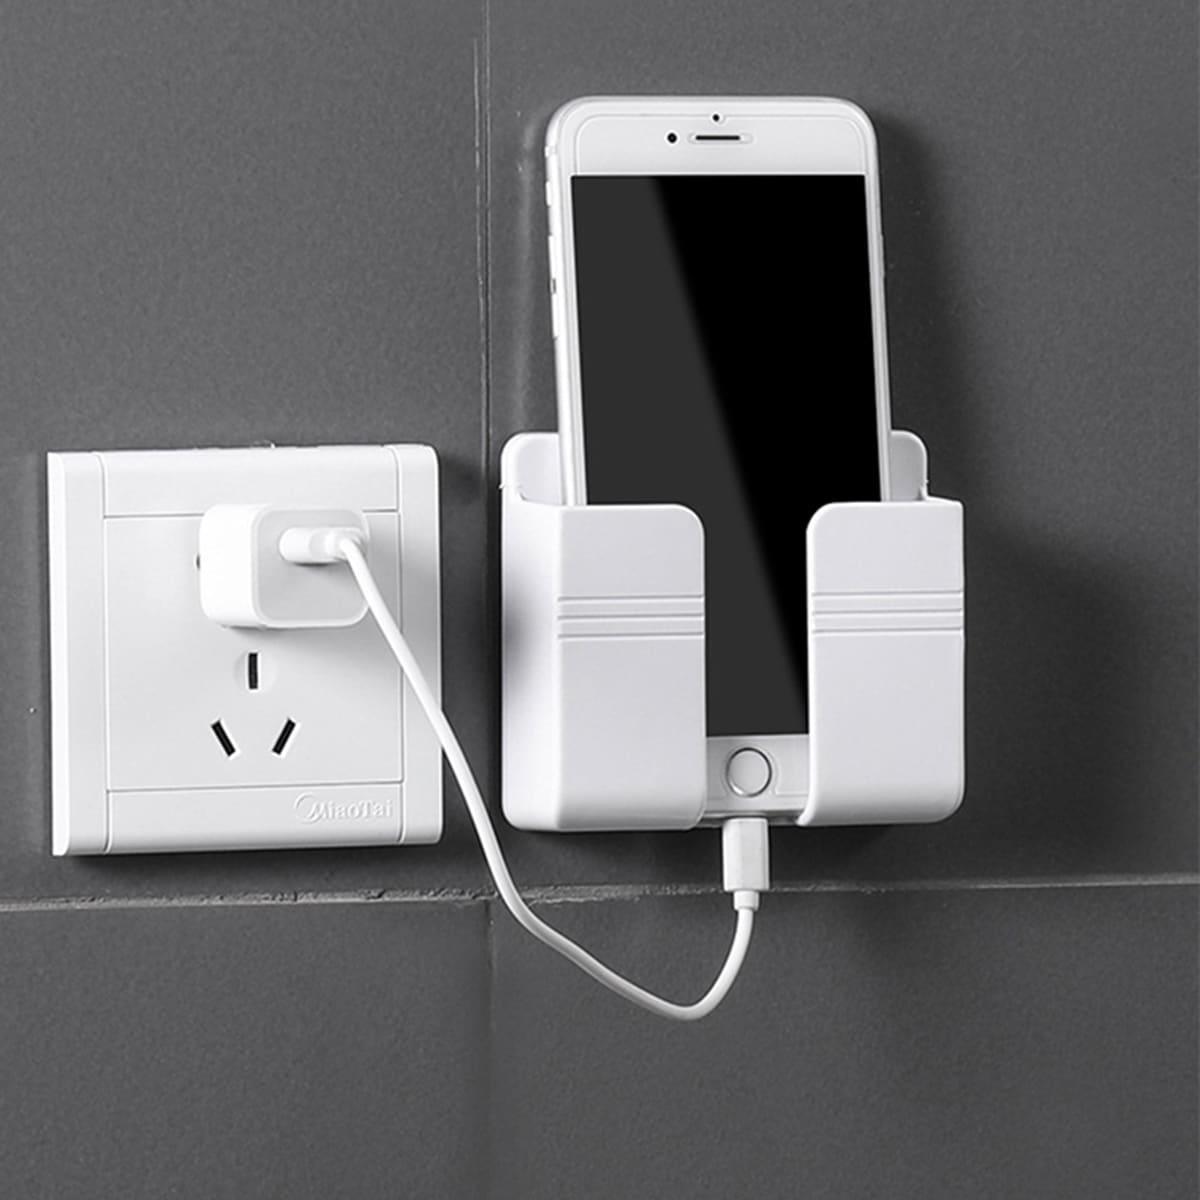 1шт Настенный держатель для зарядки телефона